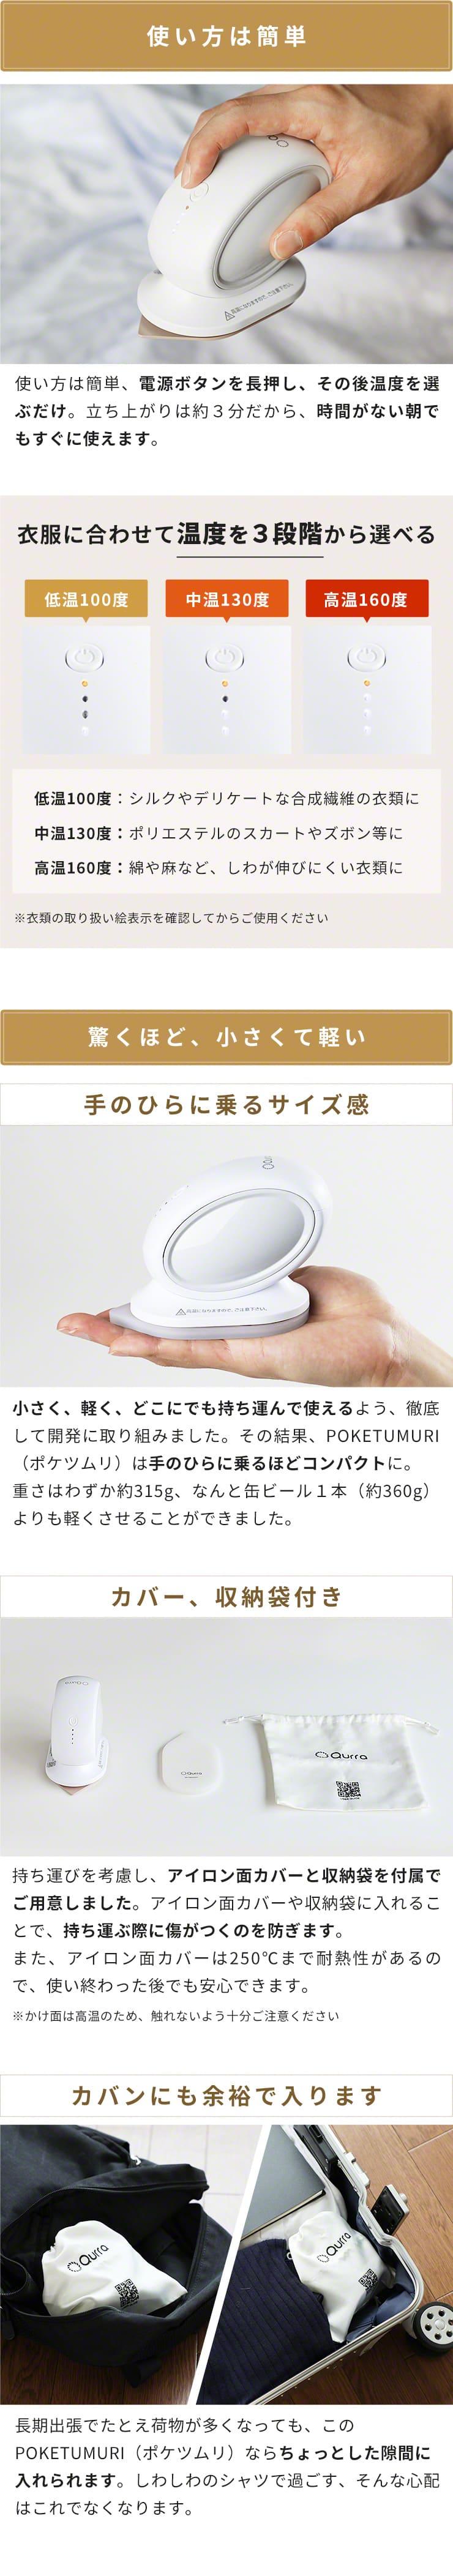 温度切替 3段階 コンパクト ミニ カバー 収納袋